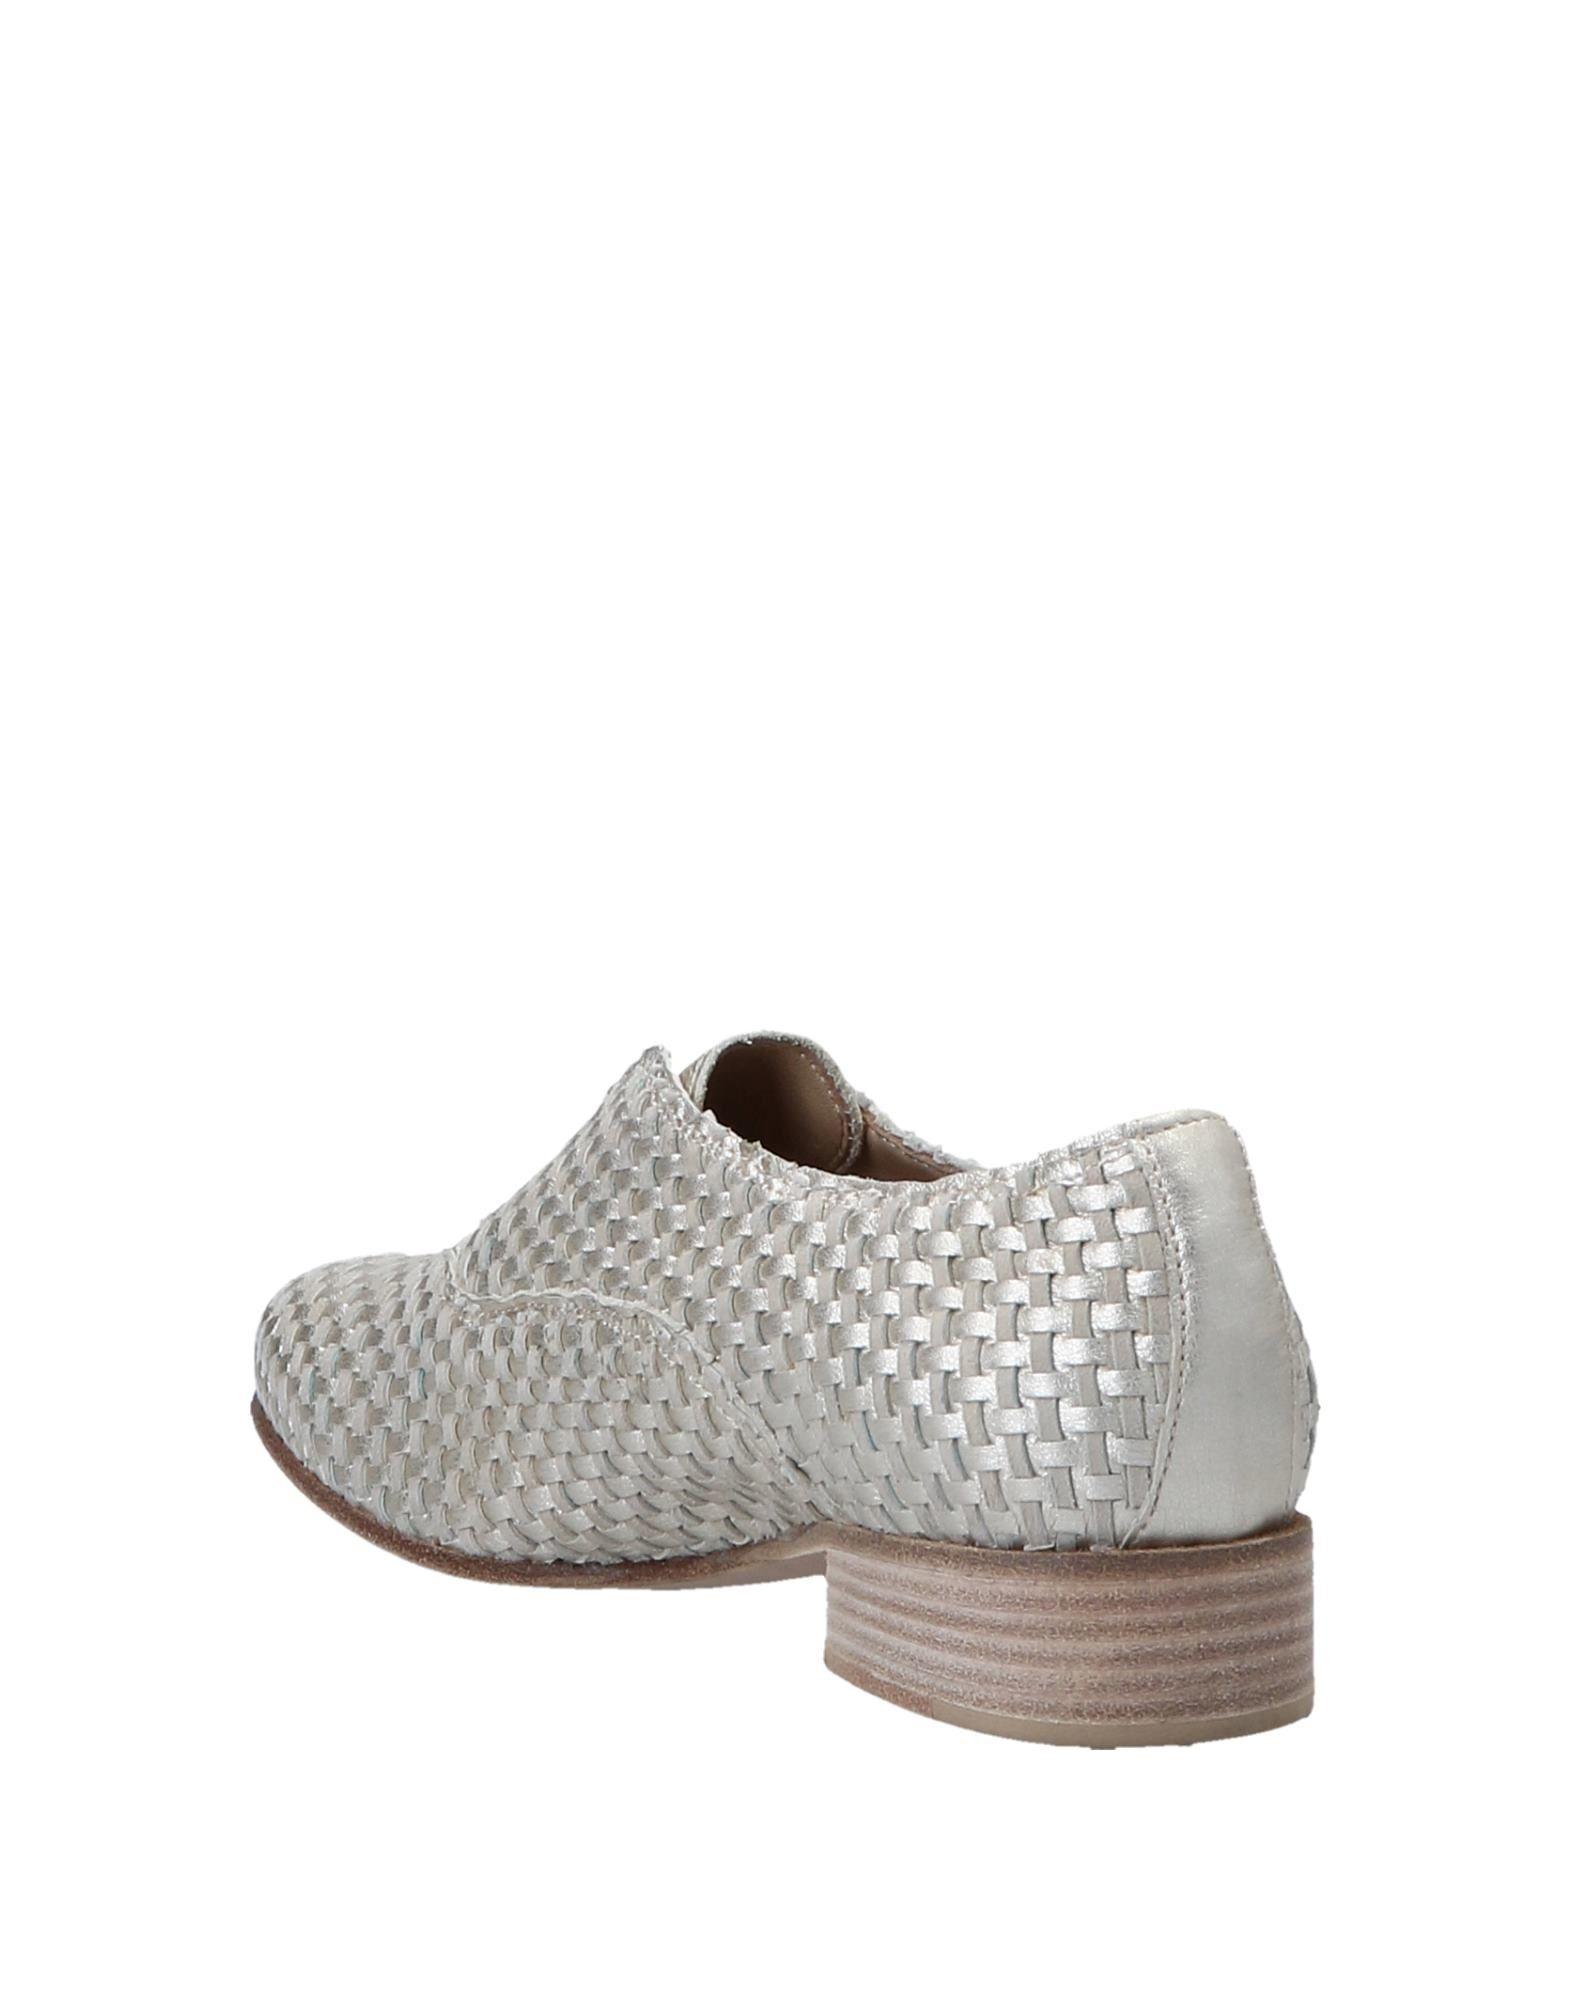 Calpierre Mokassins Damen  Qualität 11551935AU Gute Qualität  beliebte Schuhe 2c9ebf